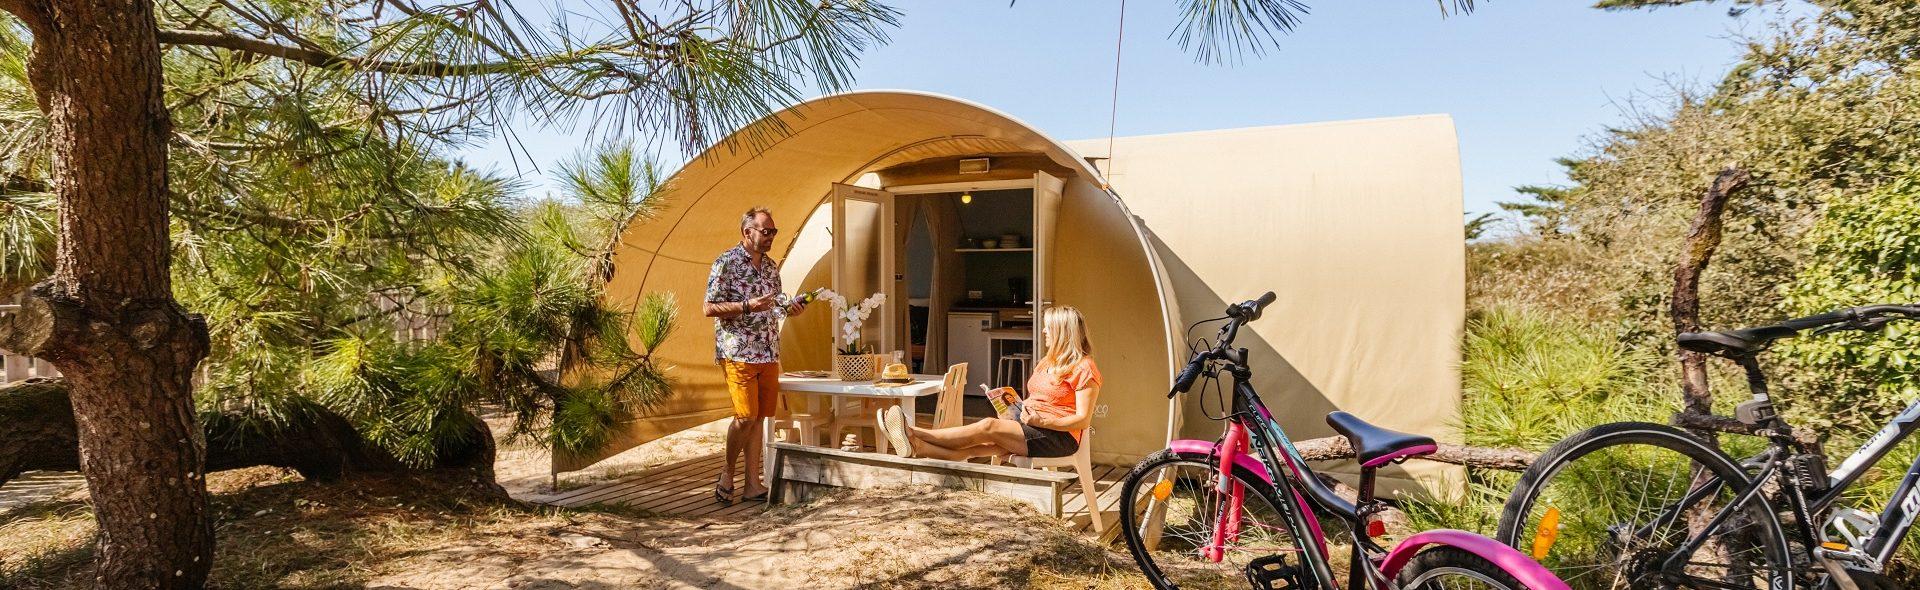 Camping Club Mahana : Coco Accueil Redim